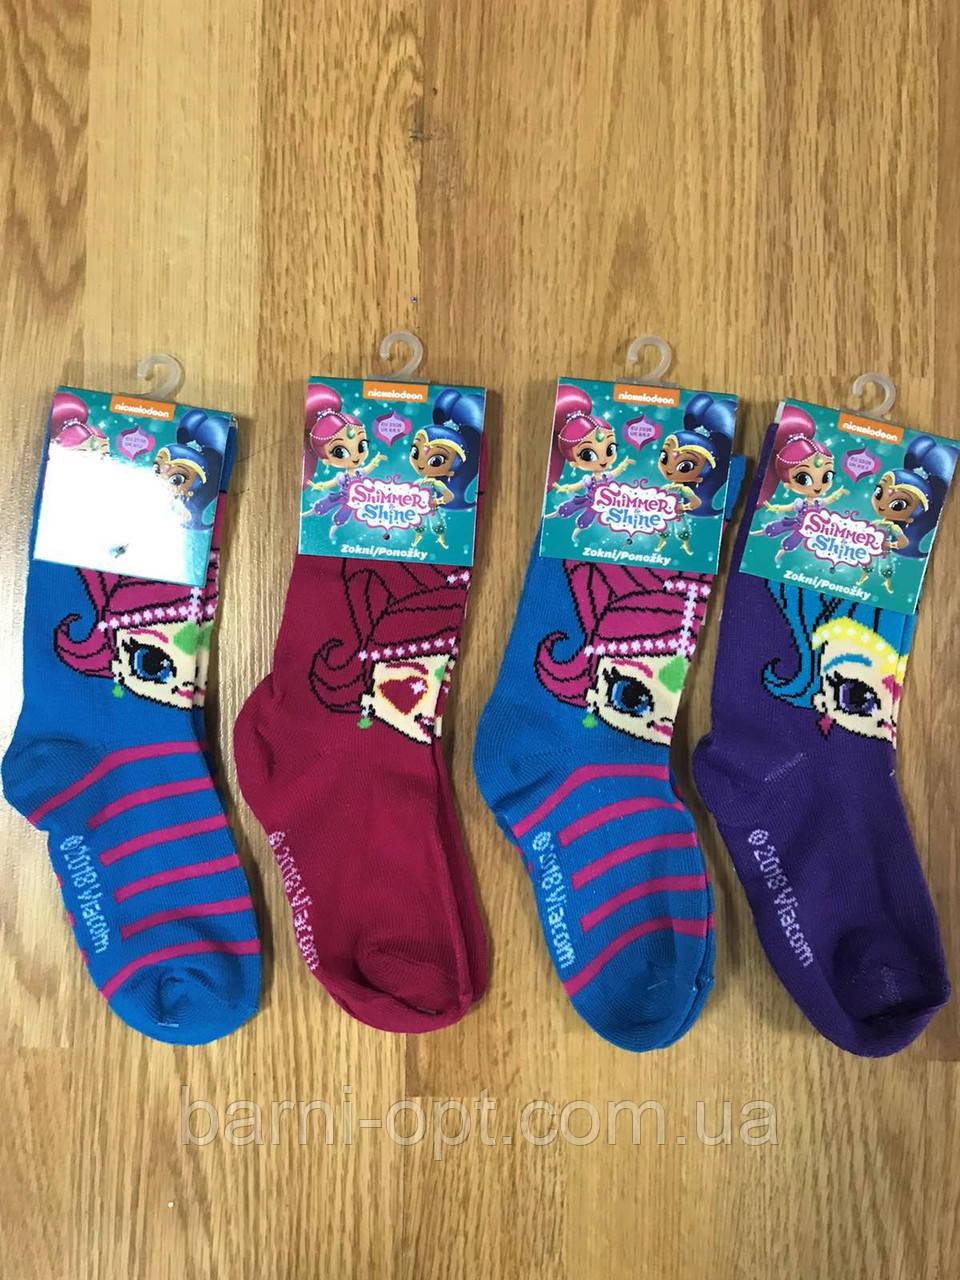 Шкарпетки для дівчаток Shimmer & Shine ,в наявності 23/26, 27/30,31-34 рр